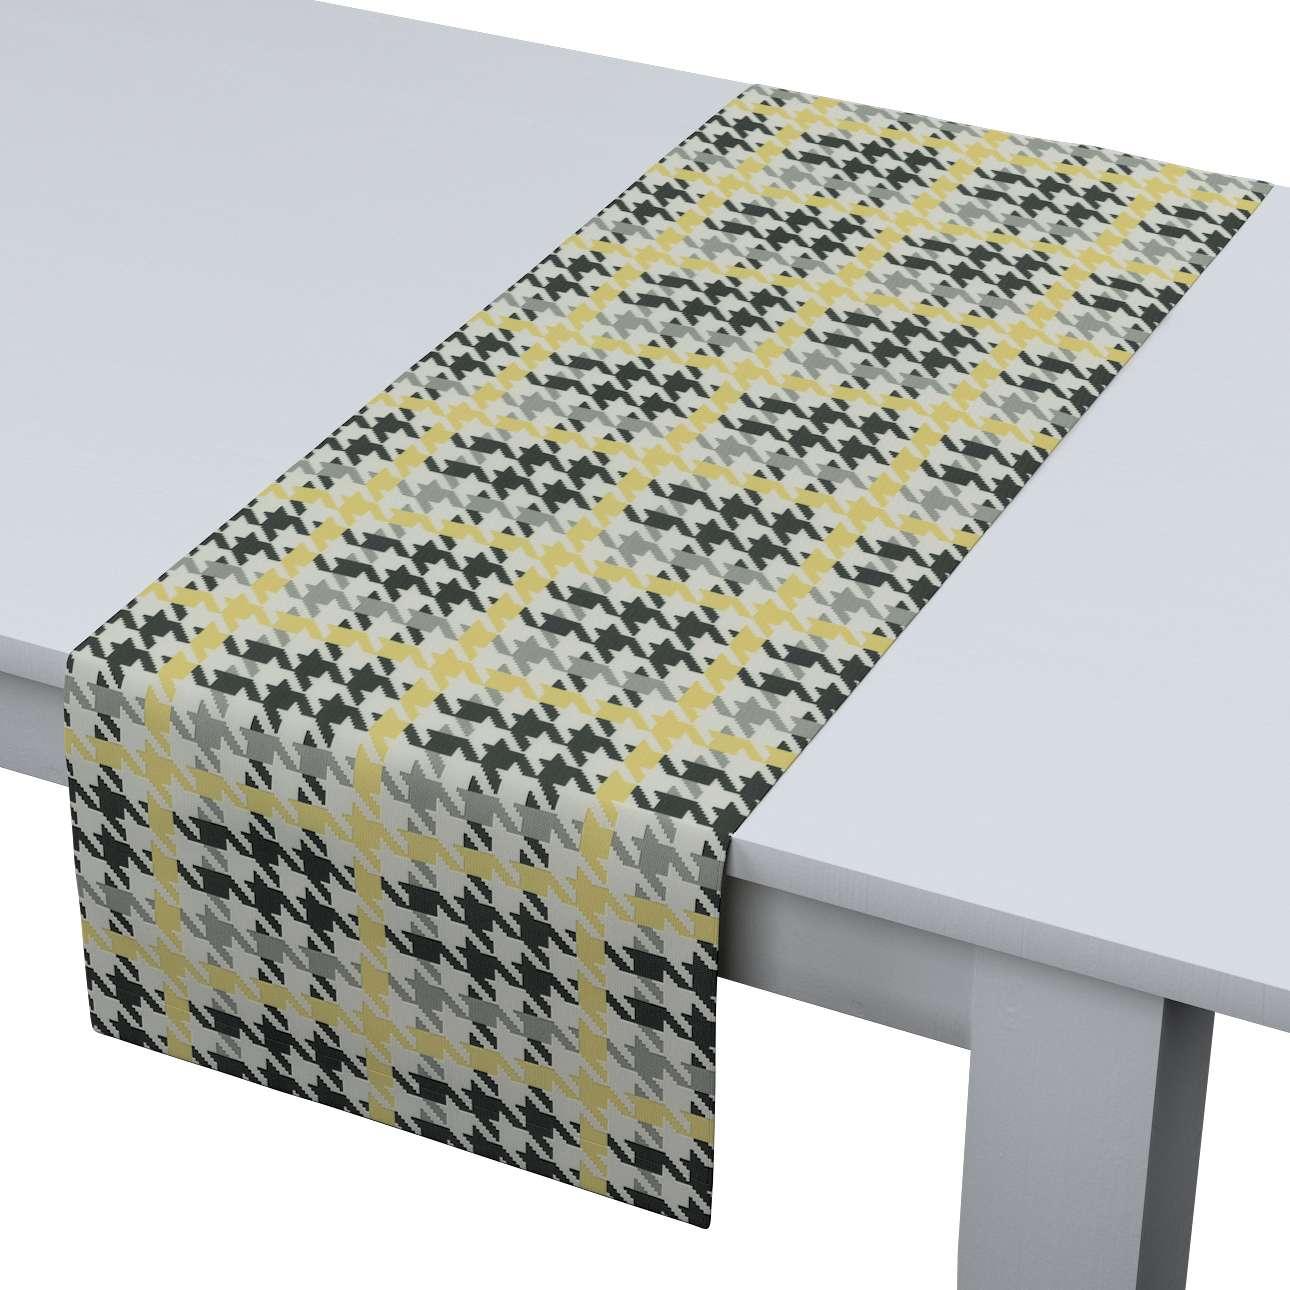 Rechteckiger Tischläufer 40 x 130 cm von der Kollektion Brooklyn, Stoff: 137-79